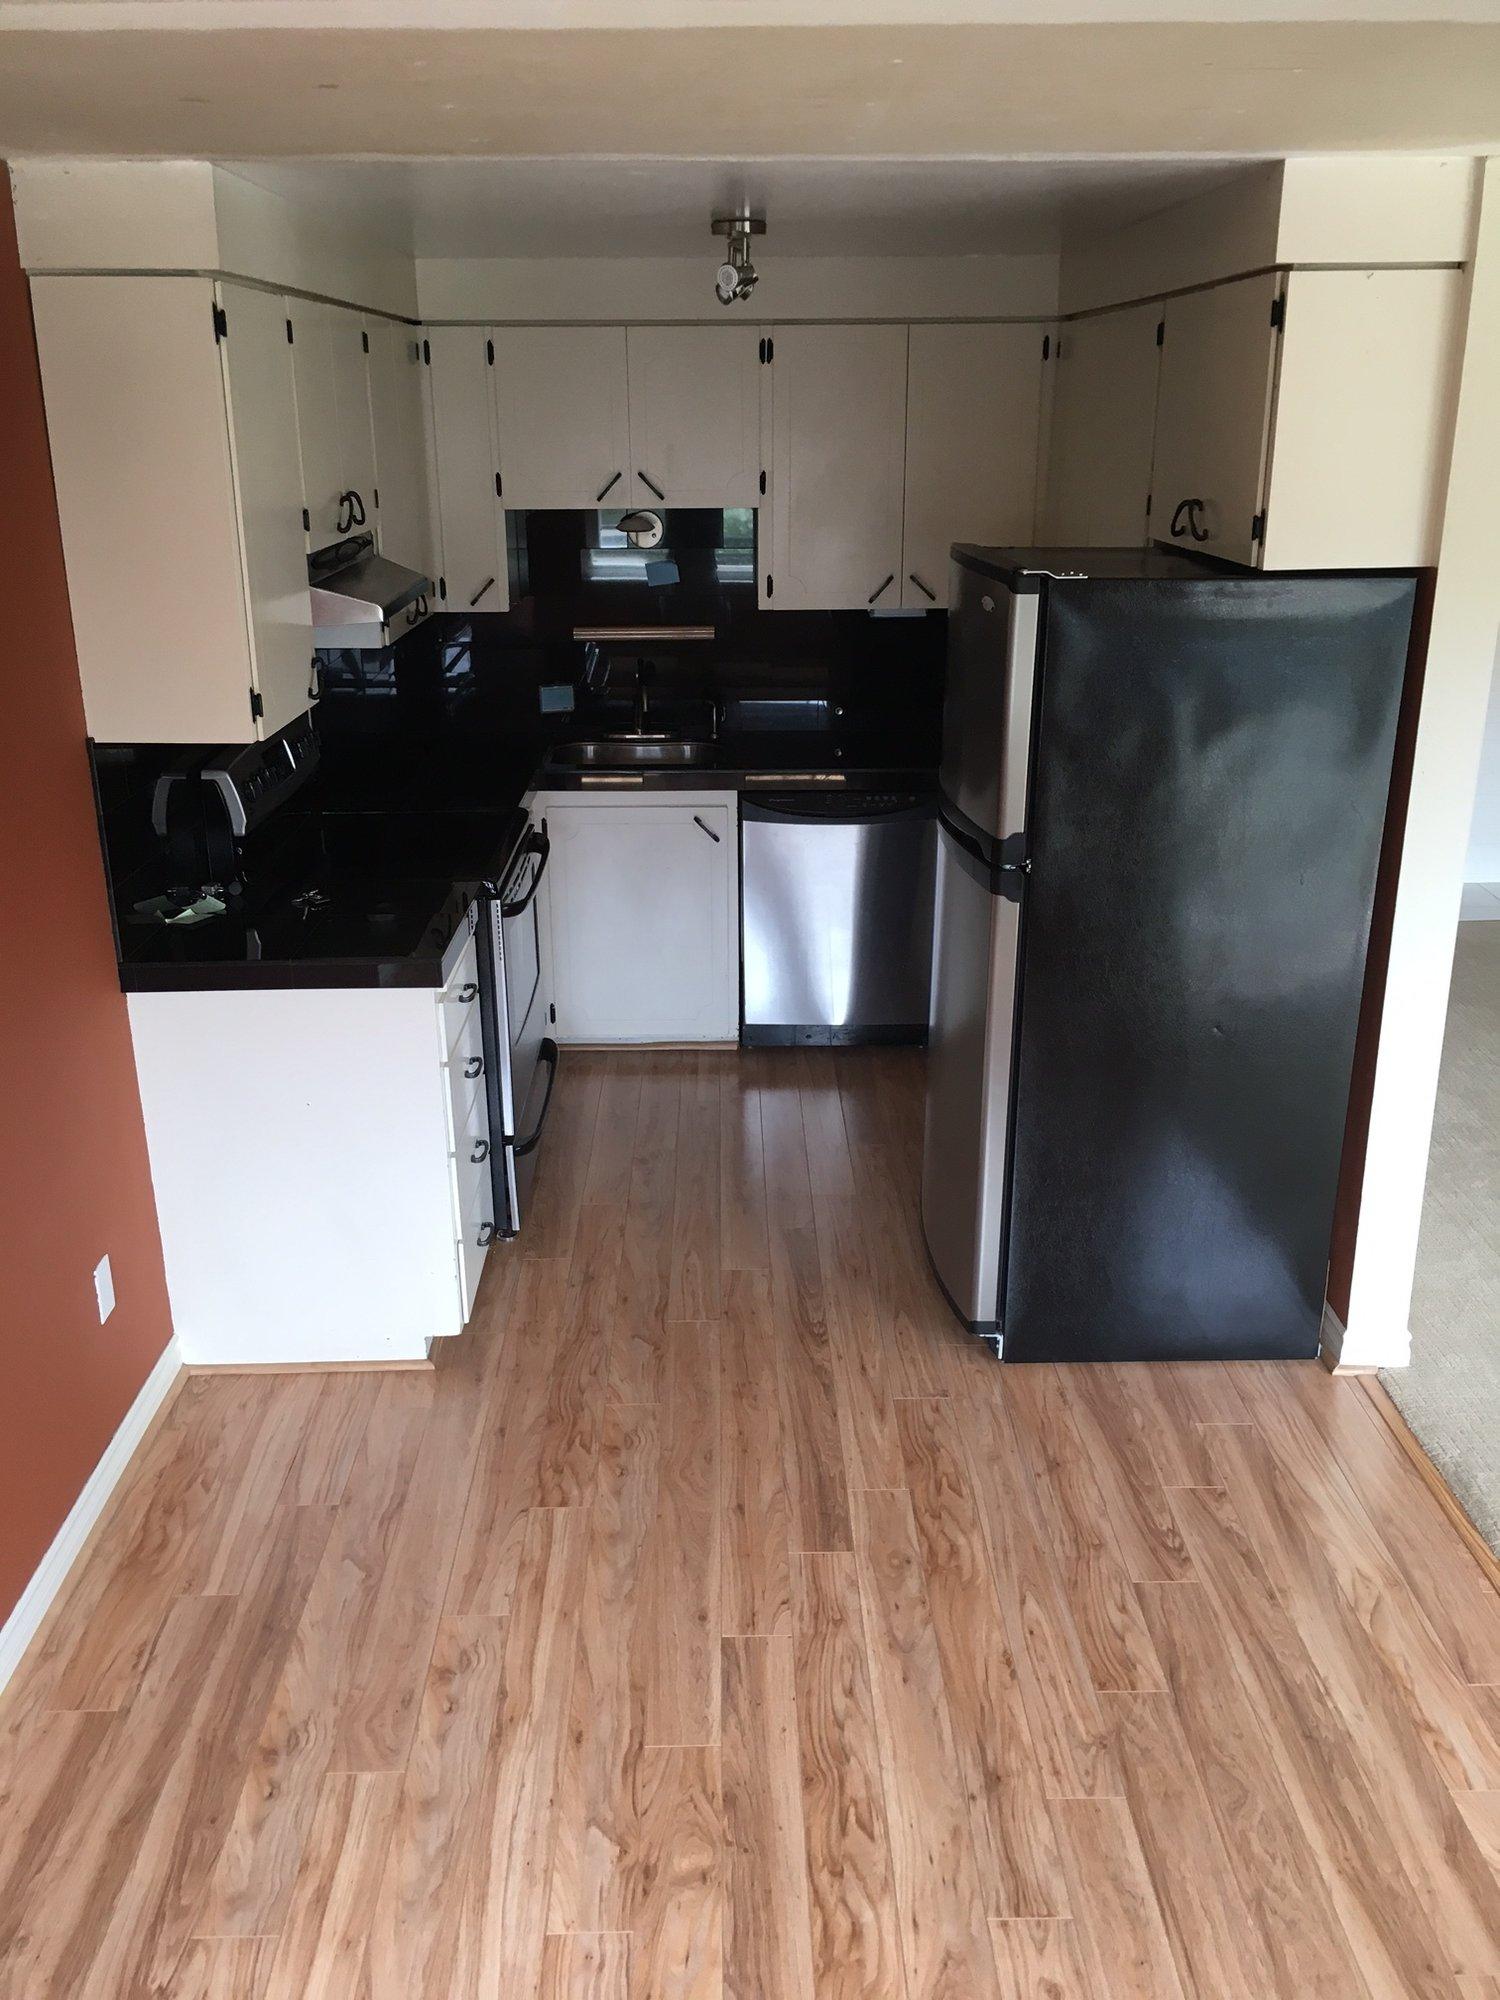 800 sq ft condo interior design layout